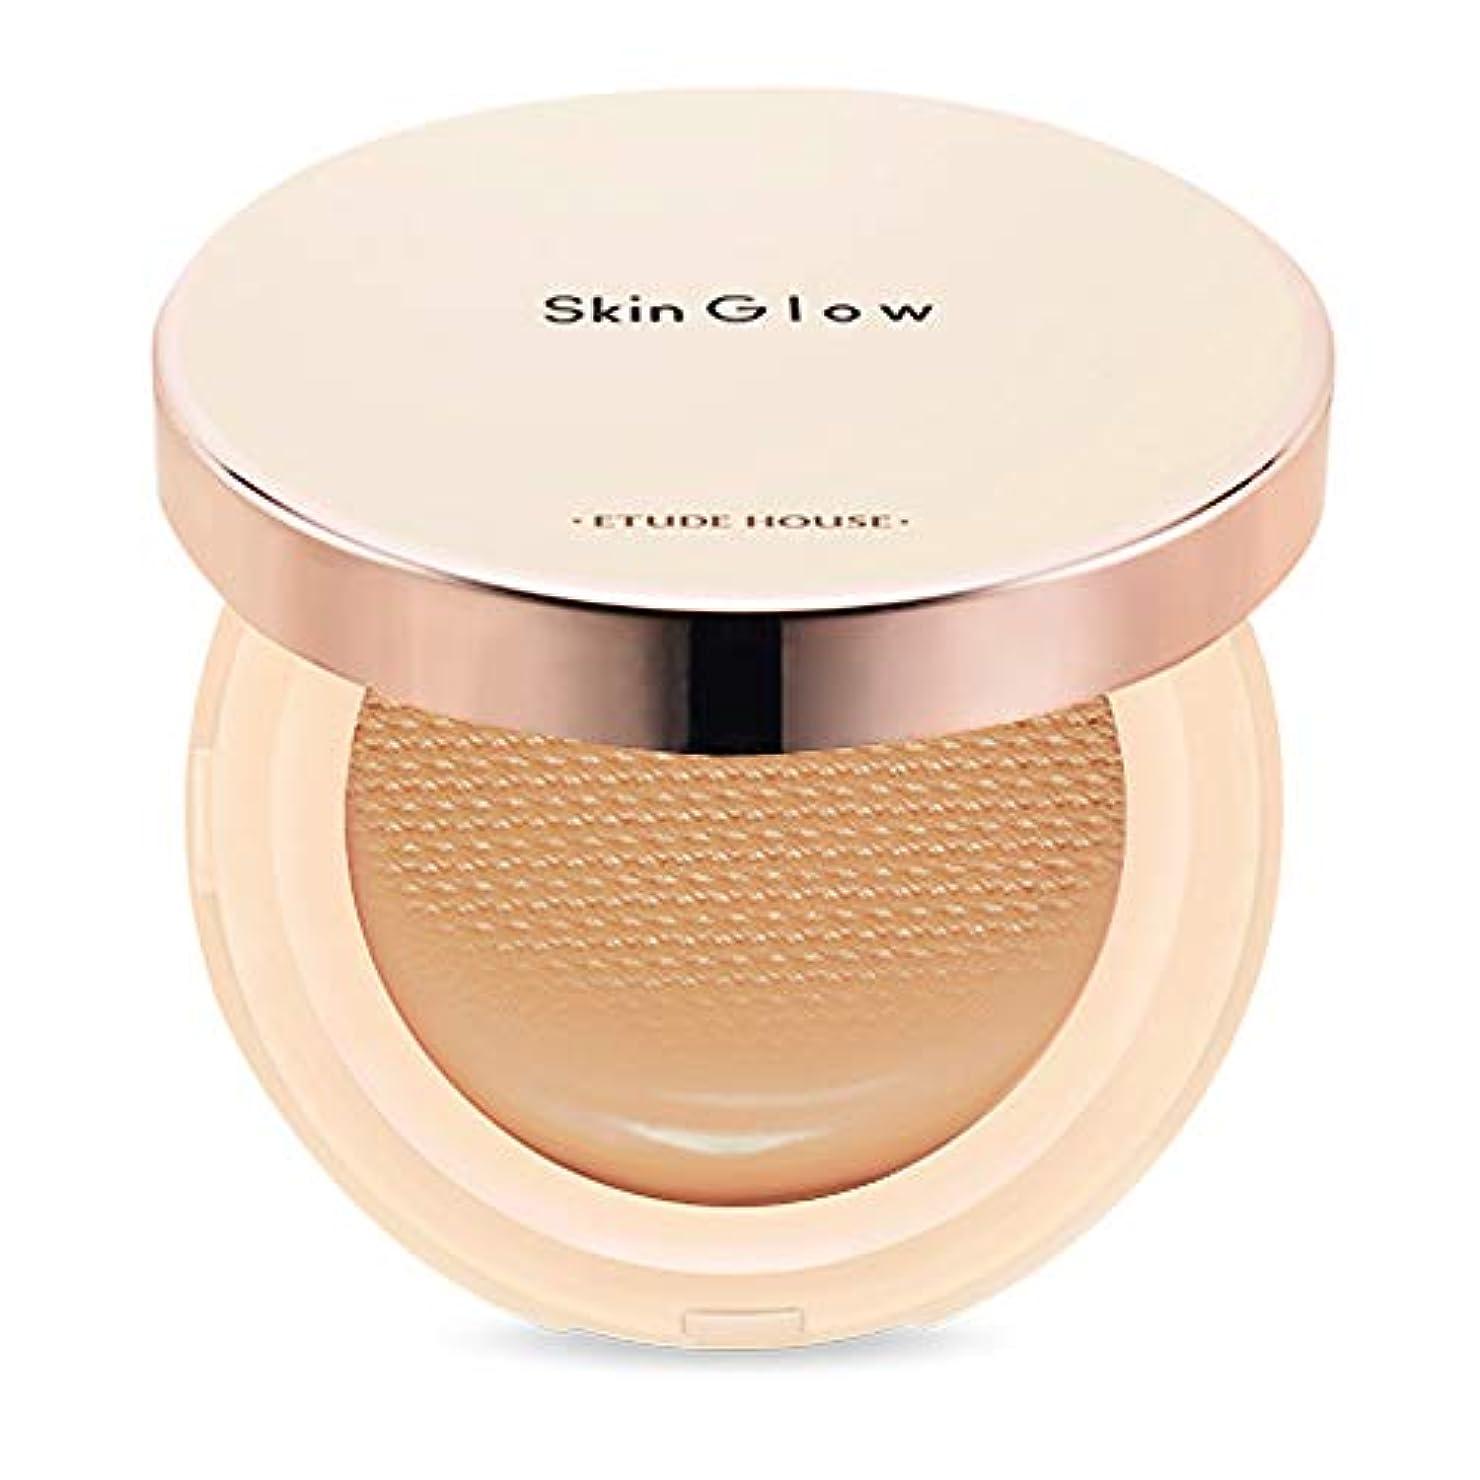 慣れている収縮進むEtude House Skin Glow Essence Cushion SPF50+/PA++++ エチュードハウス スキン グロー エッセンス クッション (# N06 Tan) [並行輸入品]